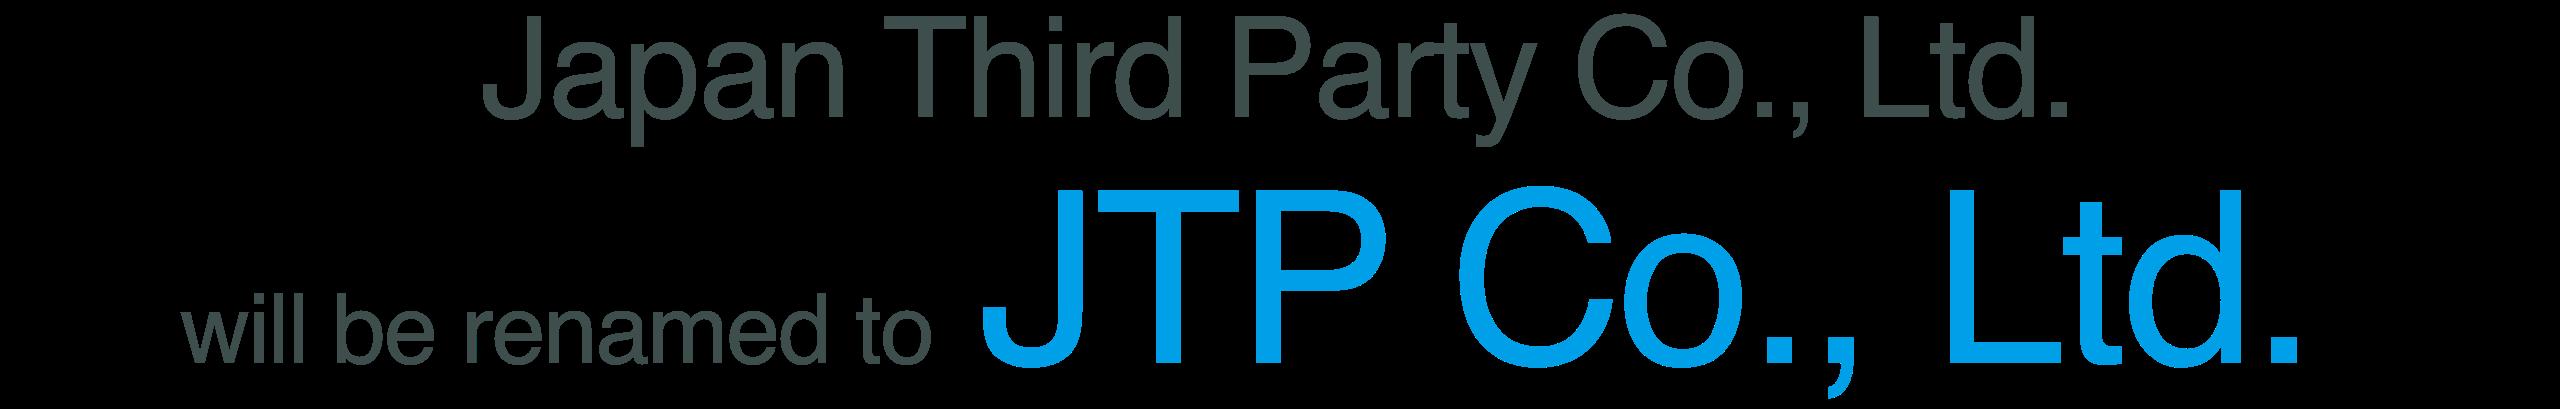 JTP Co., Ltd. will be renamed to JTP Co., Ltd.